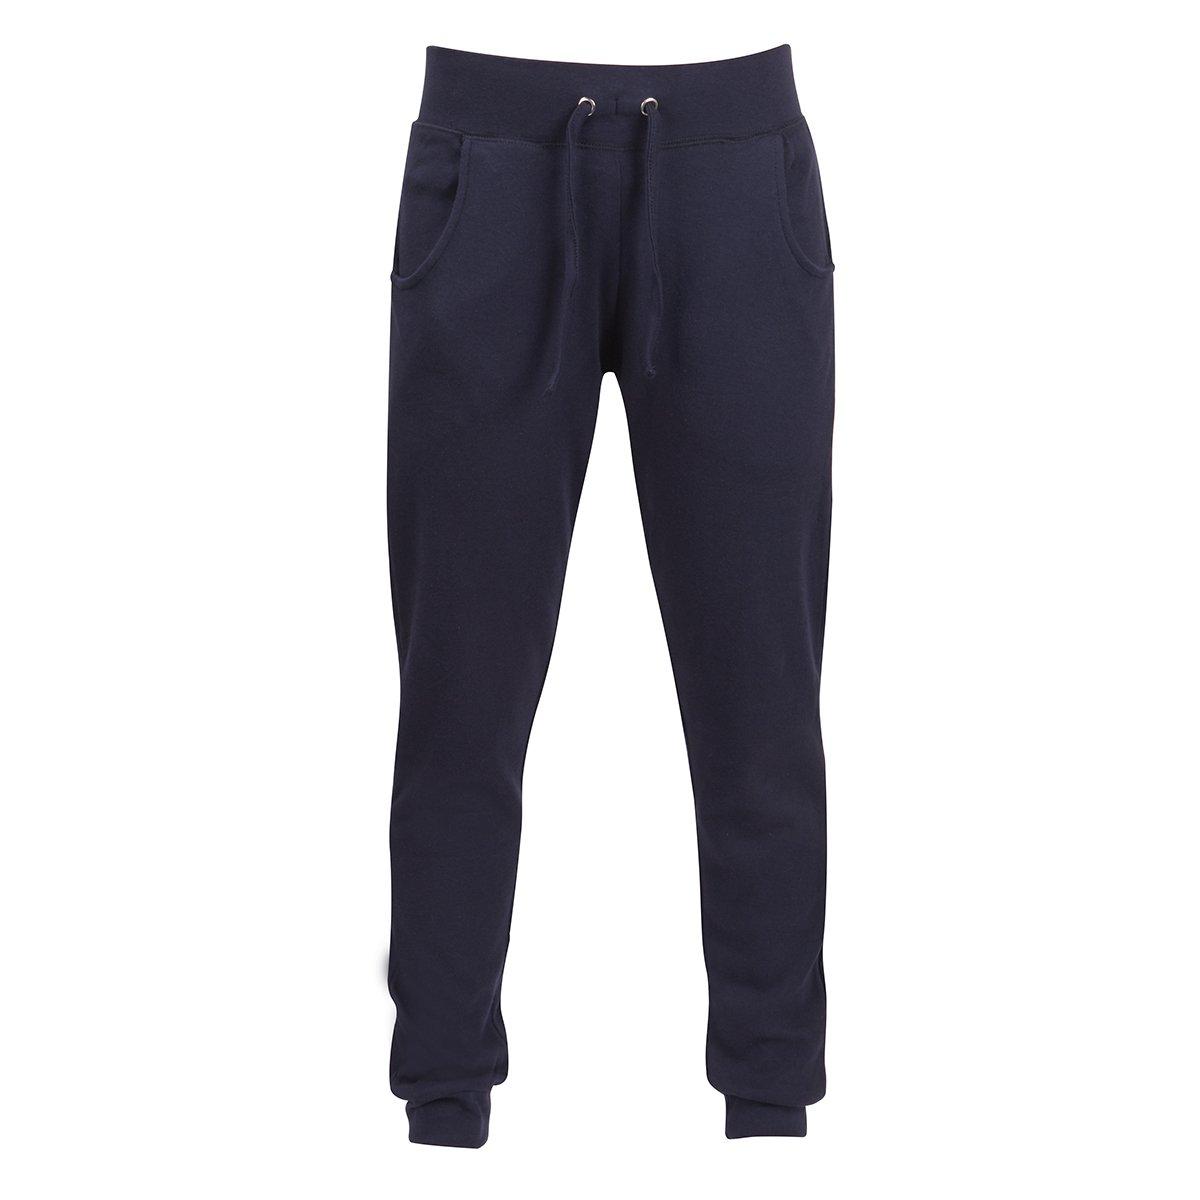 COTTONIQUE Ladies Skinny Casual Joggers Cotton Sweatpants